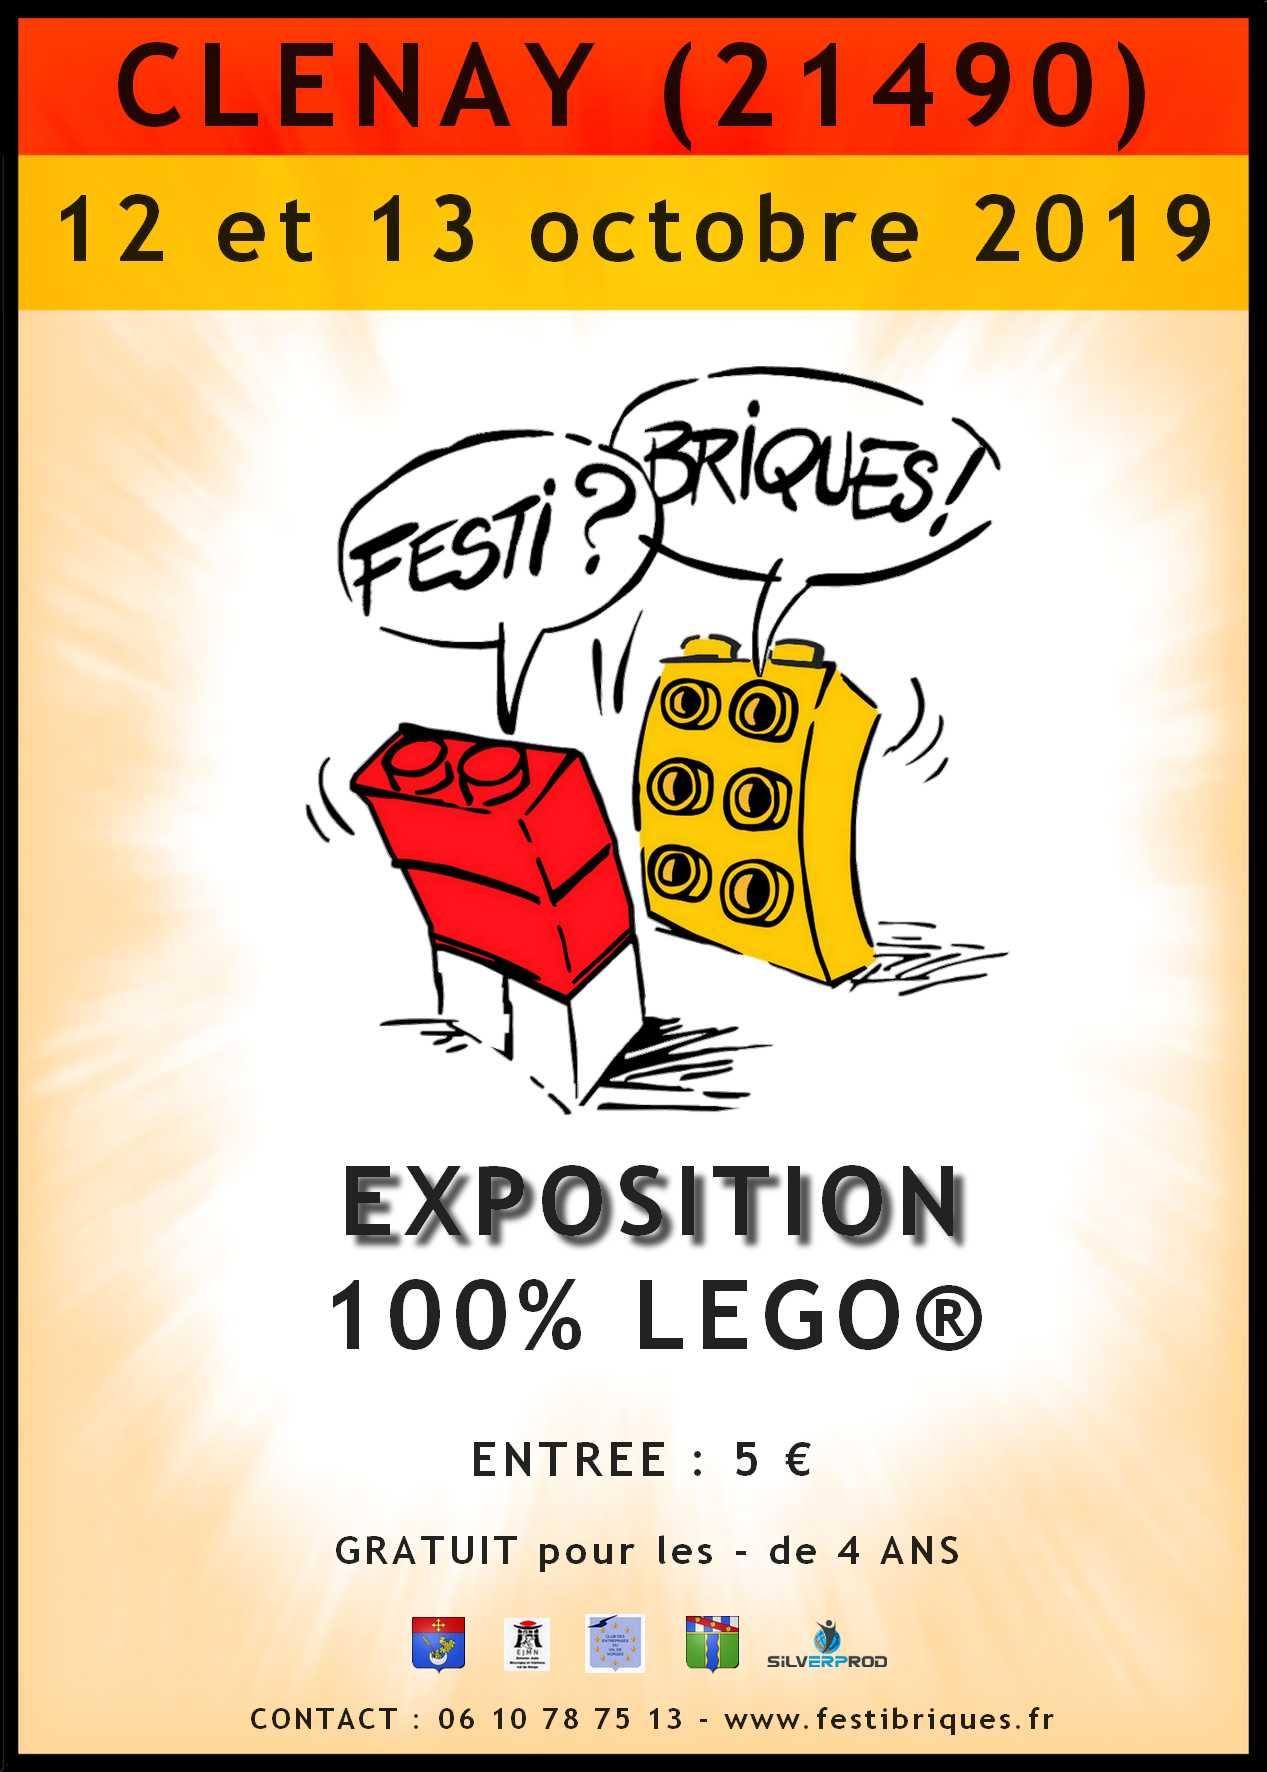 Préparation expo FestiBriques de CLENAY (octobre 2019) AFFICHE-CLENAY-2019-A6